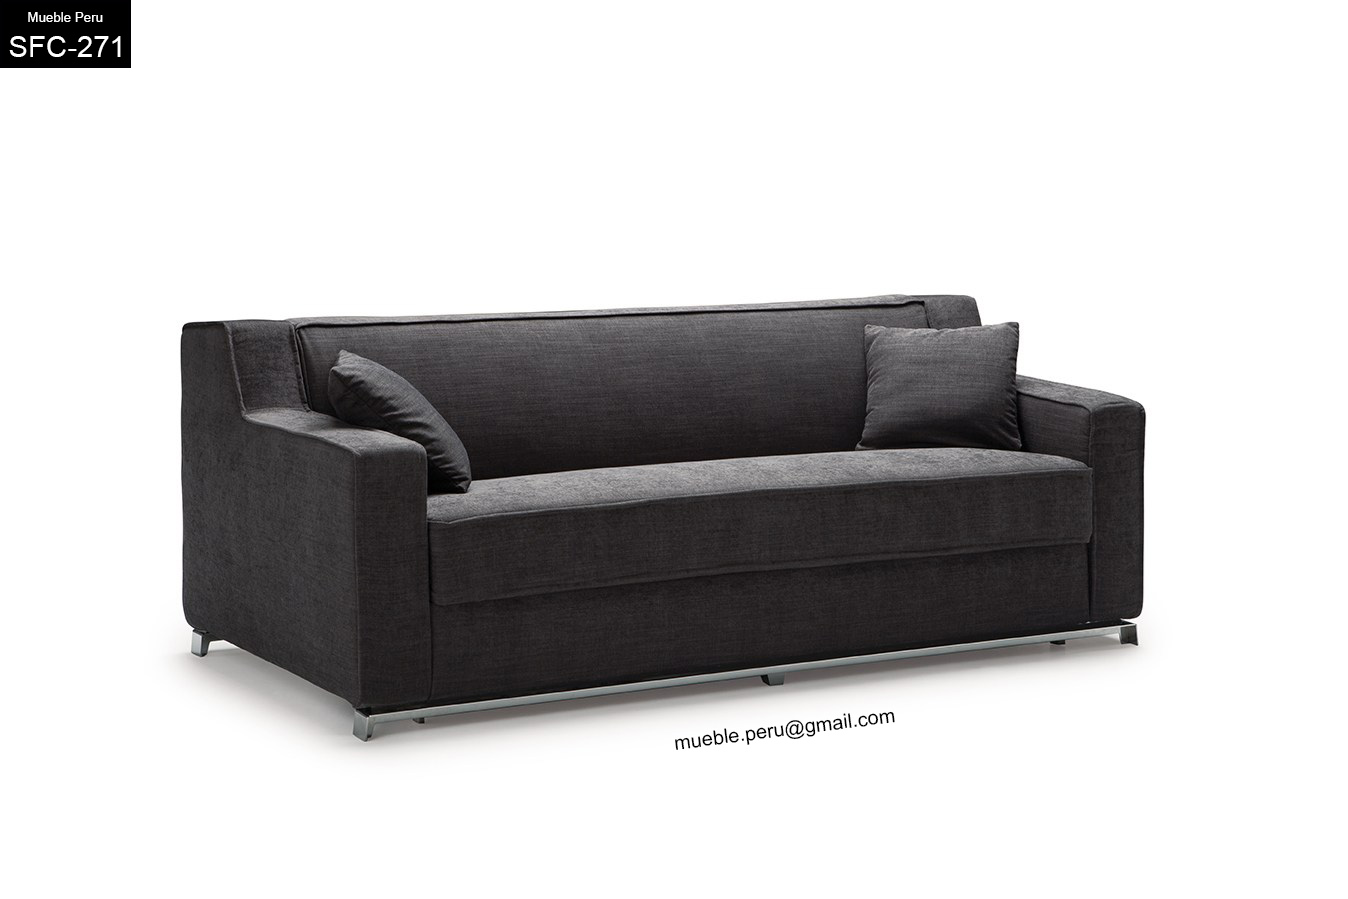 sofa sfc kenton fabric bed queen sleeper mueble perÚ muebles de sala diseÑo sofÁs cama